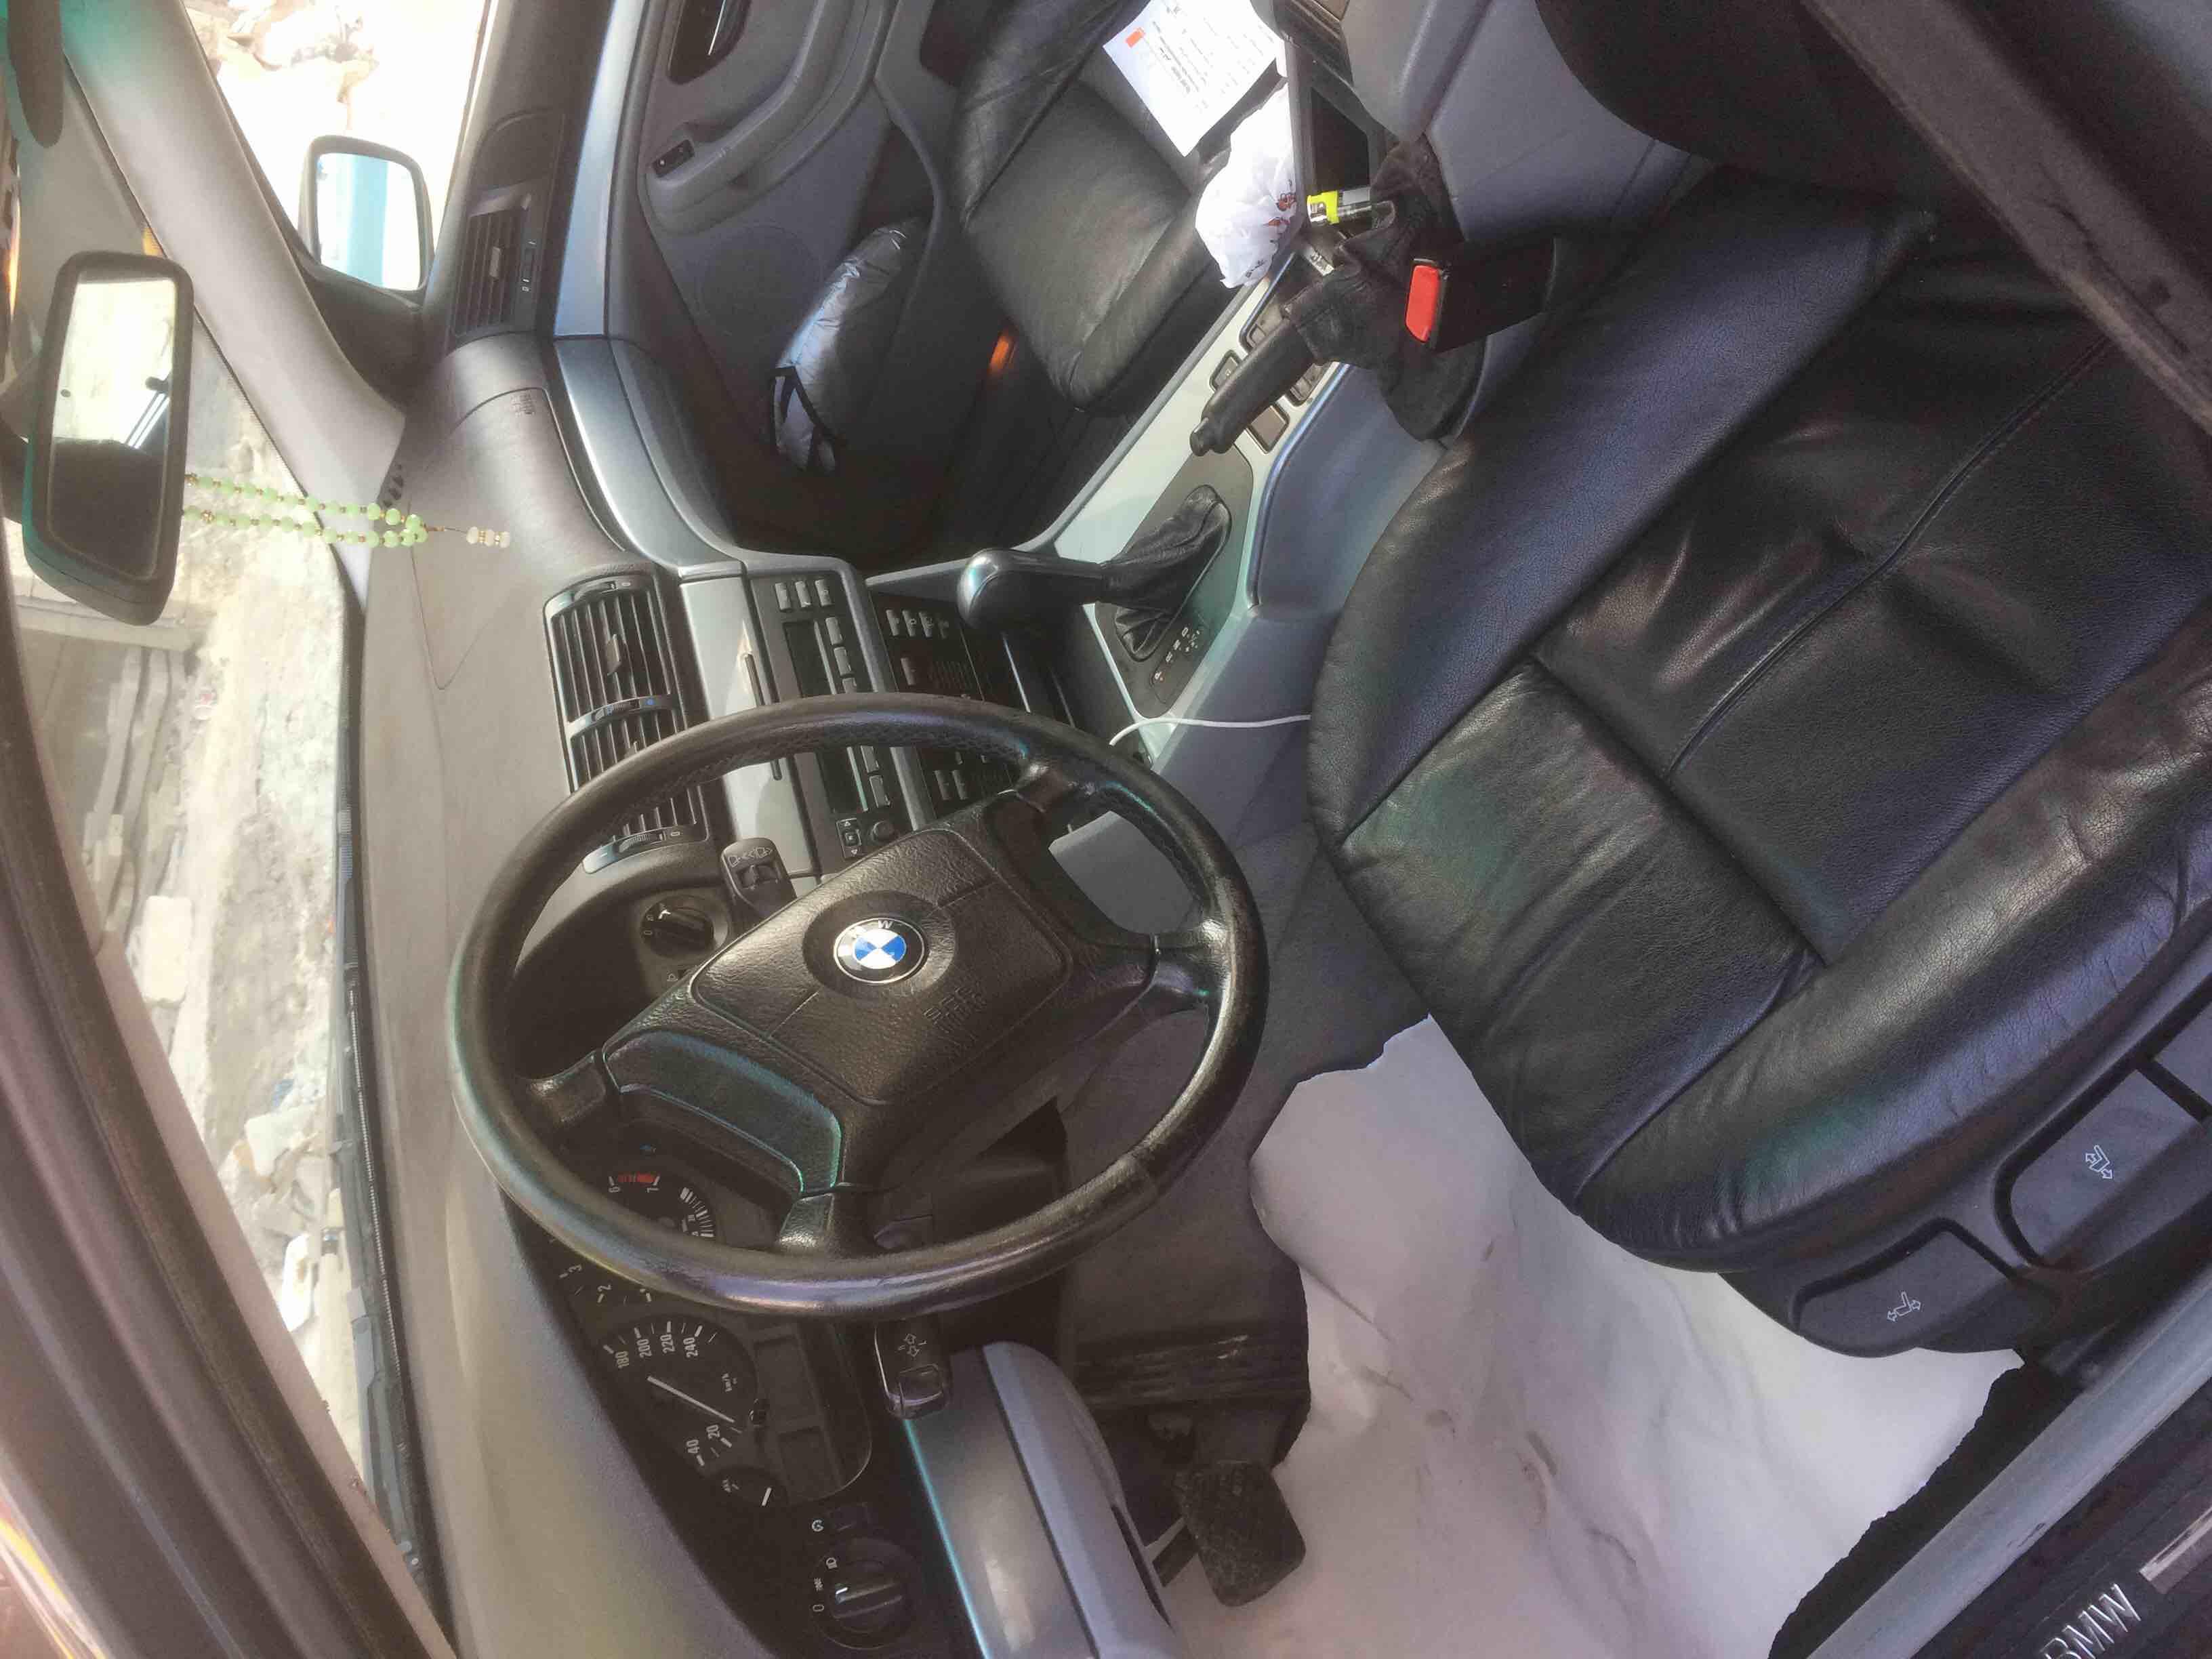 تويوتا كامري 2012 مستعملة-  سياره bmw ٥٢٠ دب فحص كامل...